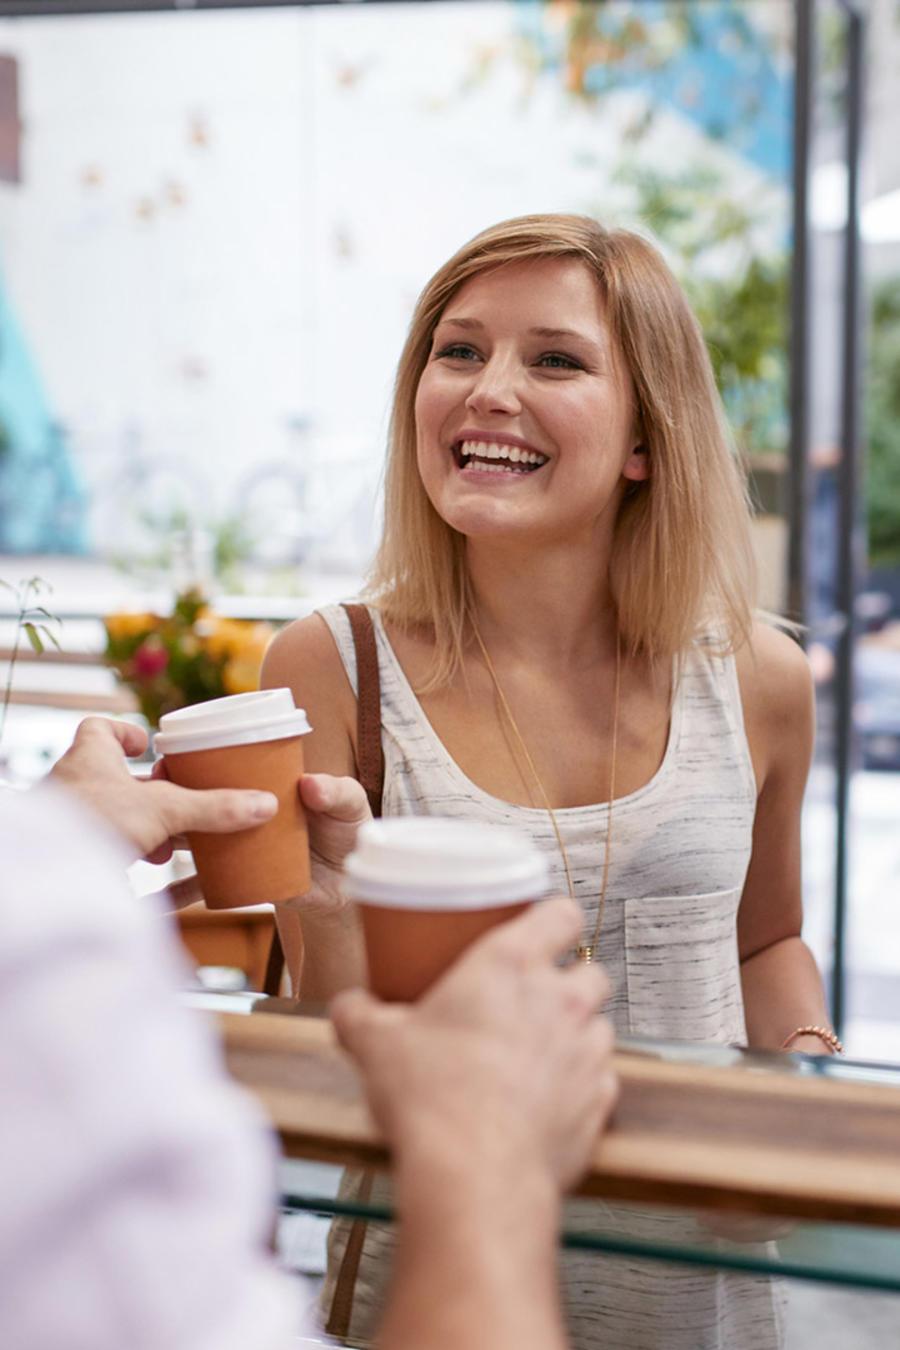 Mujeres reciben café